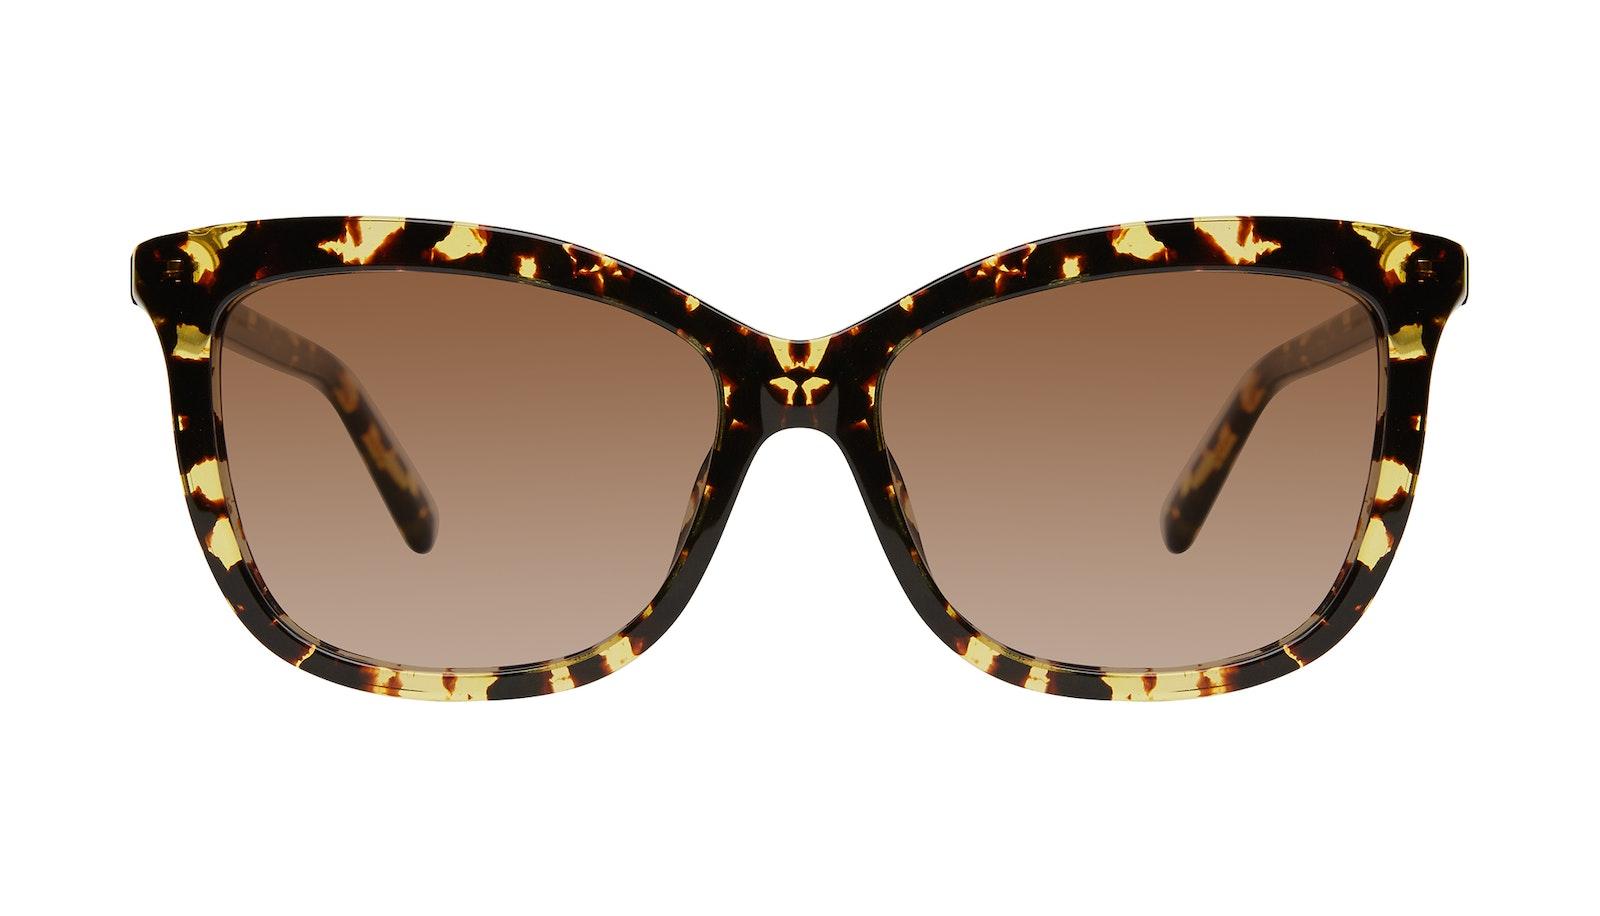 Lunettes tendance Oeil de chat Lunettes de soleil Femmes Paparazzi Gold Flake